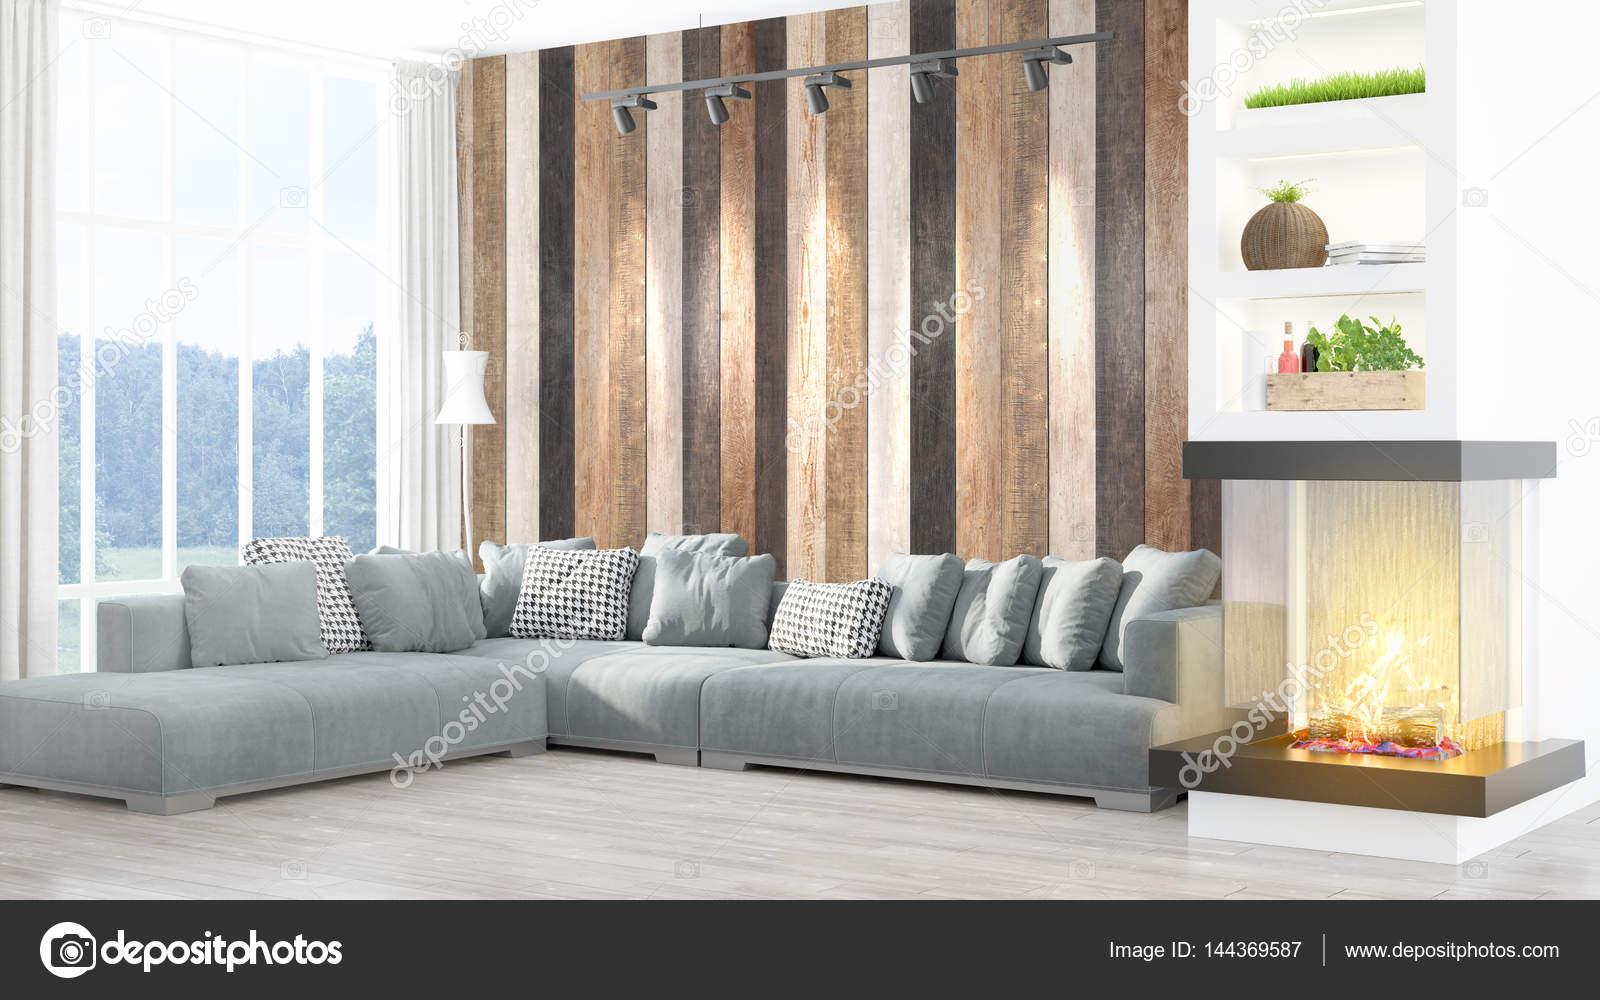 Beau Salon Moderne Interieur Avec Cheminee 3d Rendu Photographie Elsar77 C 144369587